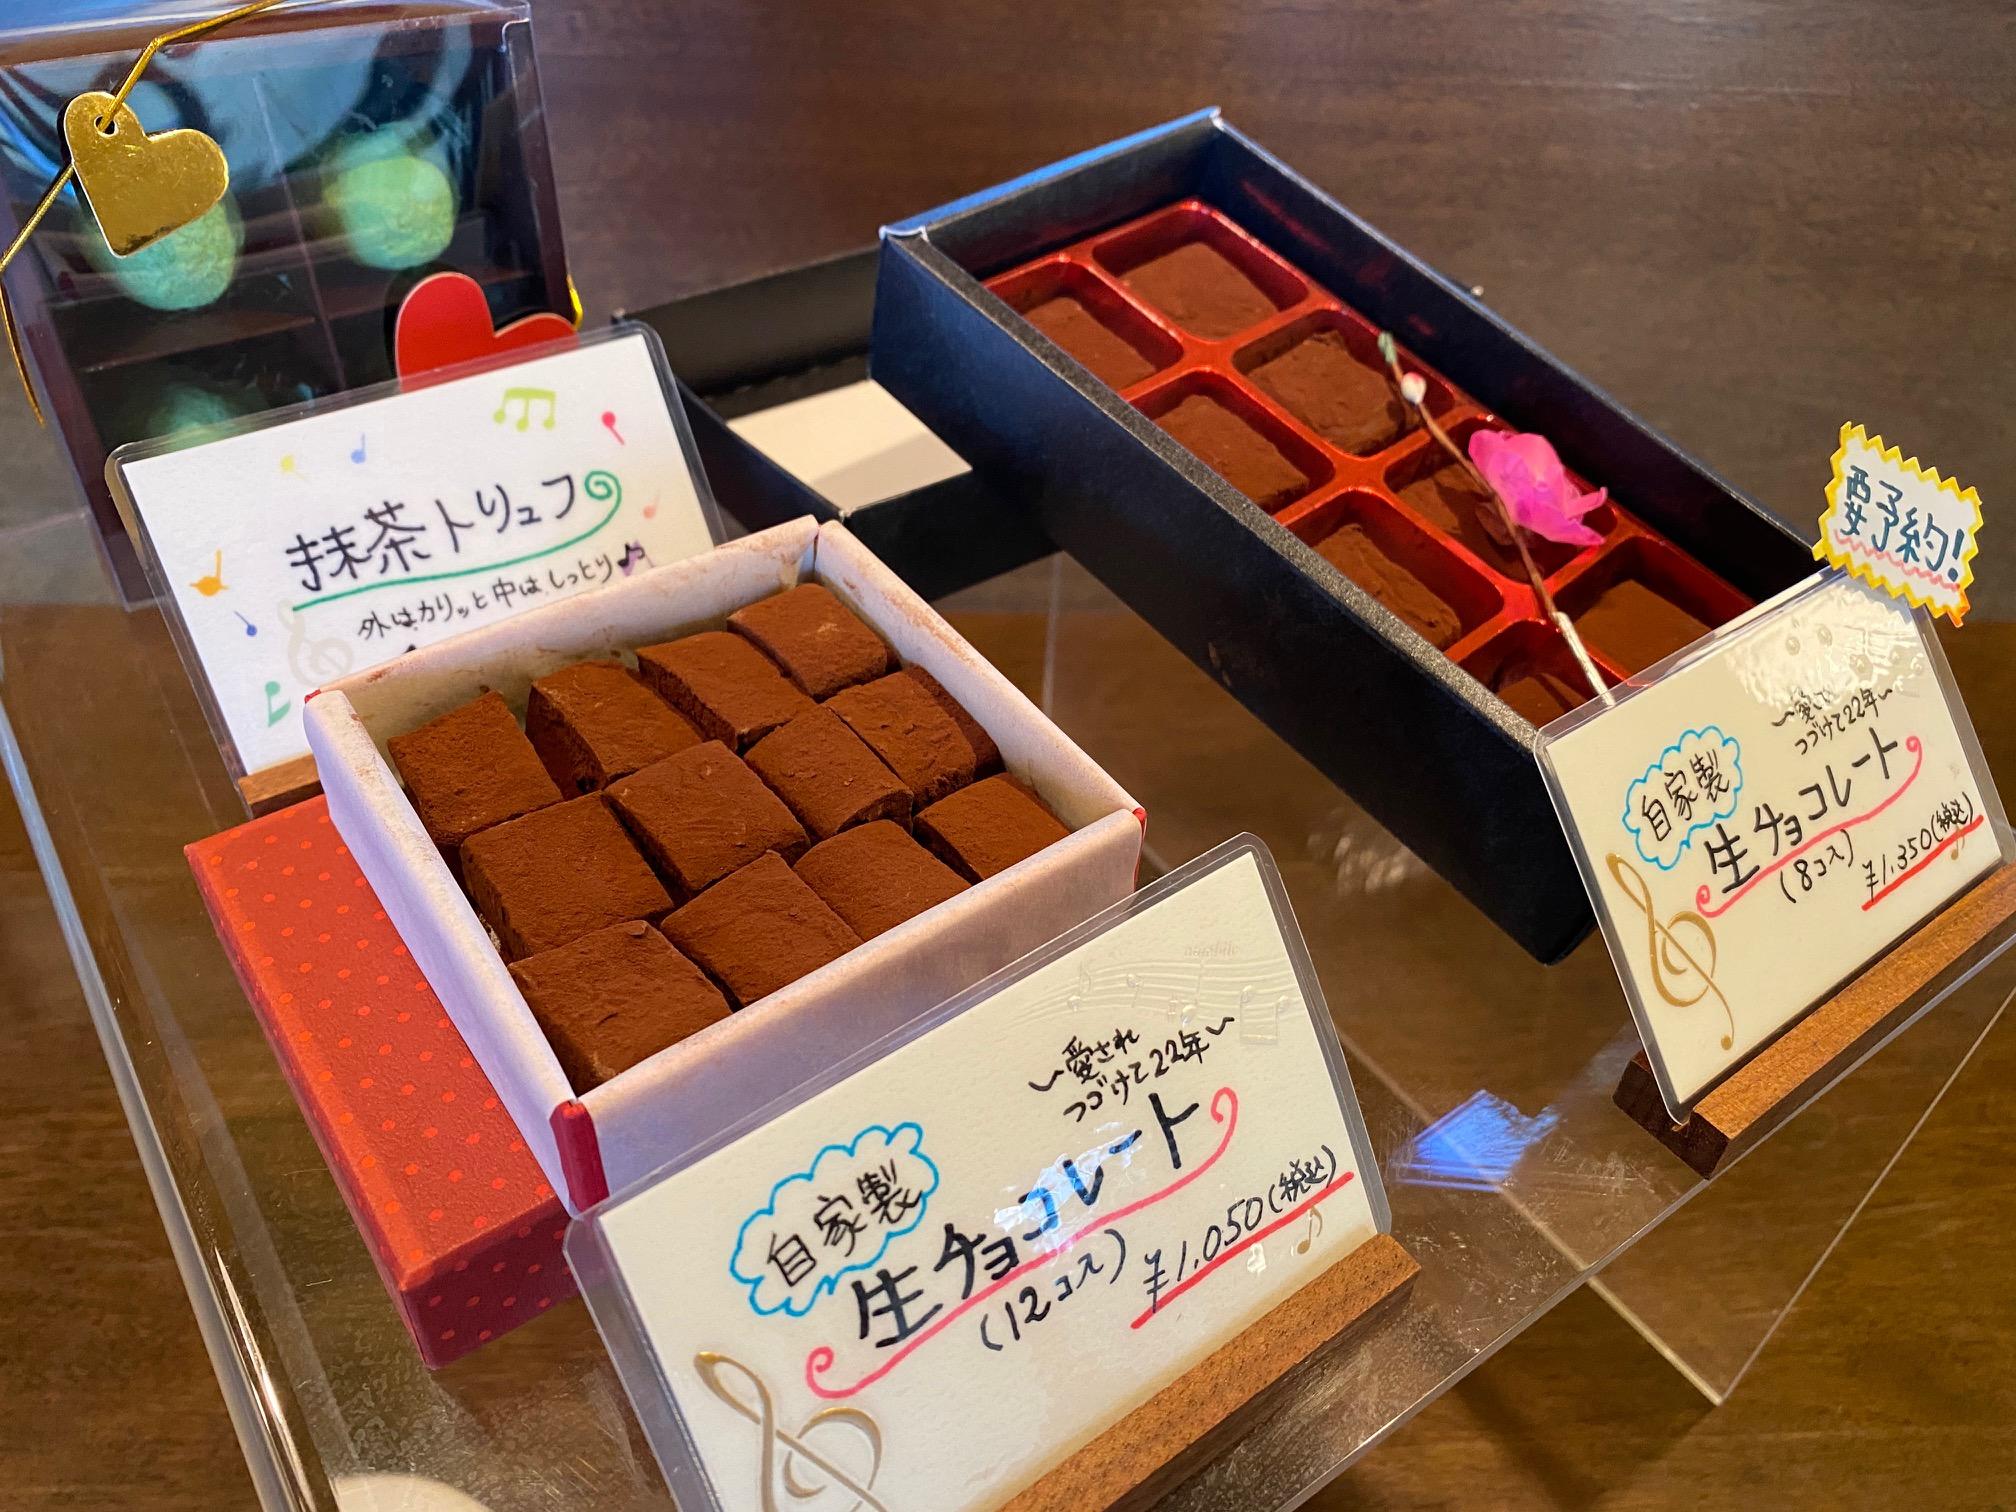 地元の日本酒を使ってチョコレートケーキ作りました〜♫